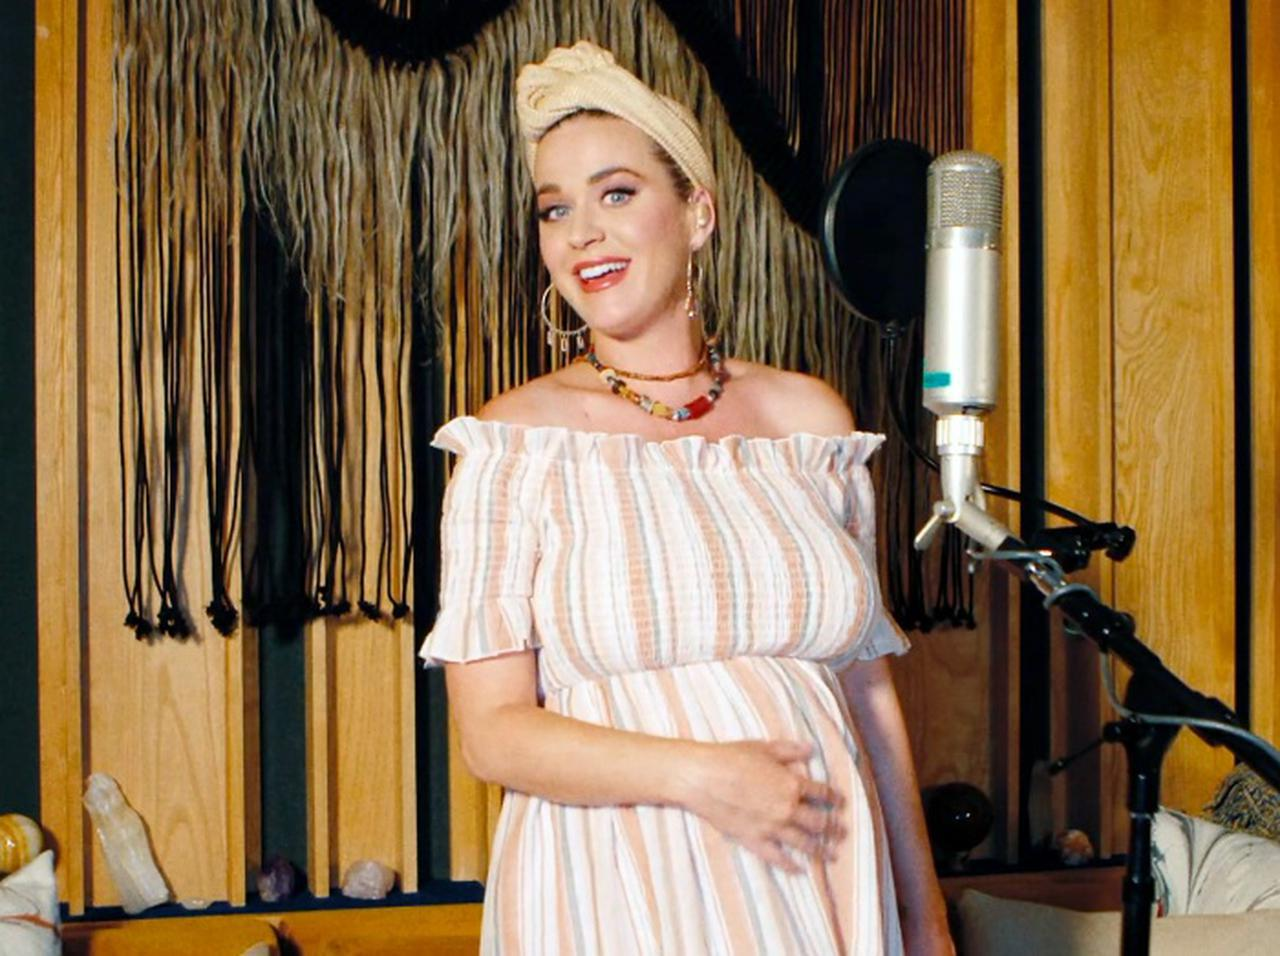 画像: ケイティ・ペリー、生まれたばかりの娘と同名のシングル「デイジーズ」に込めた思いを明かす【インタビュー】 - フロントロウ -海外セレブ情報を発信